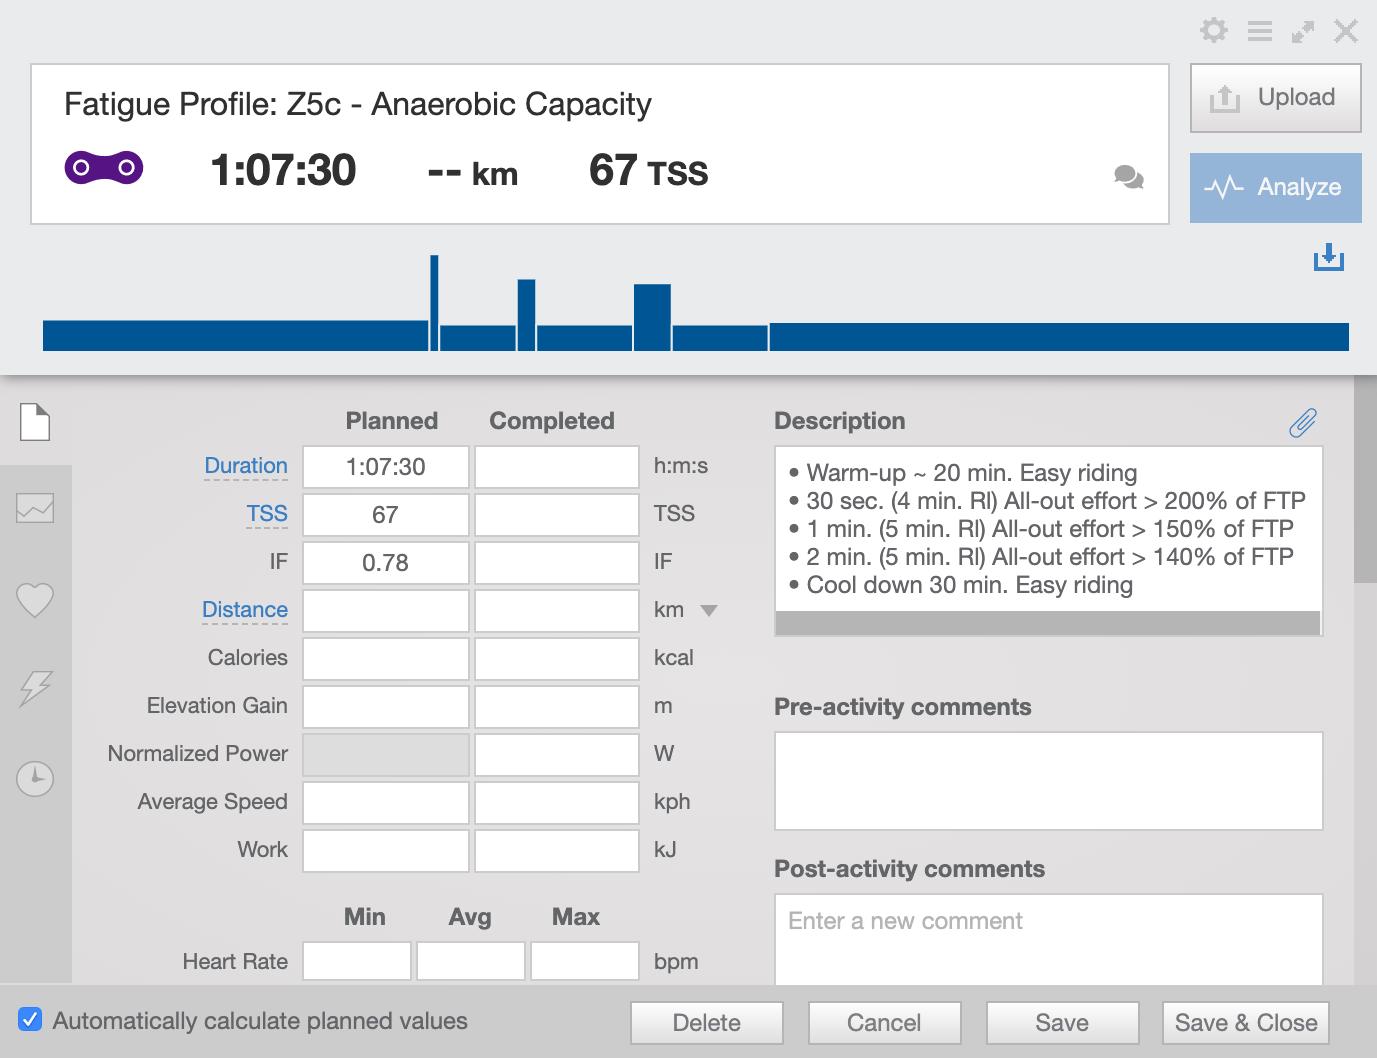 Fatigue Profile protocol for Anaerobic capacity zone